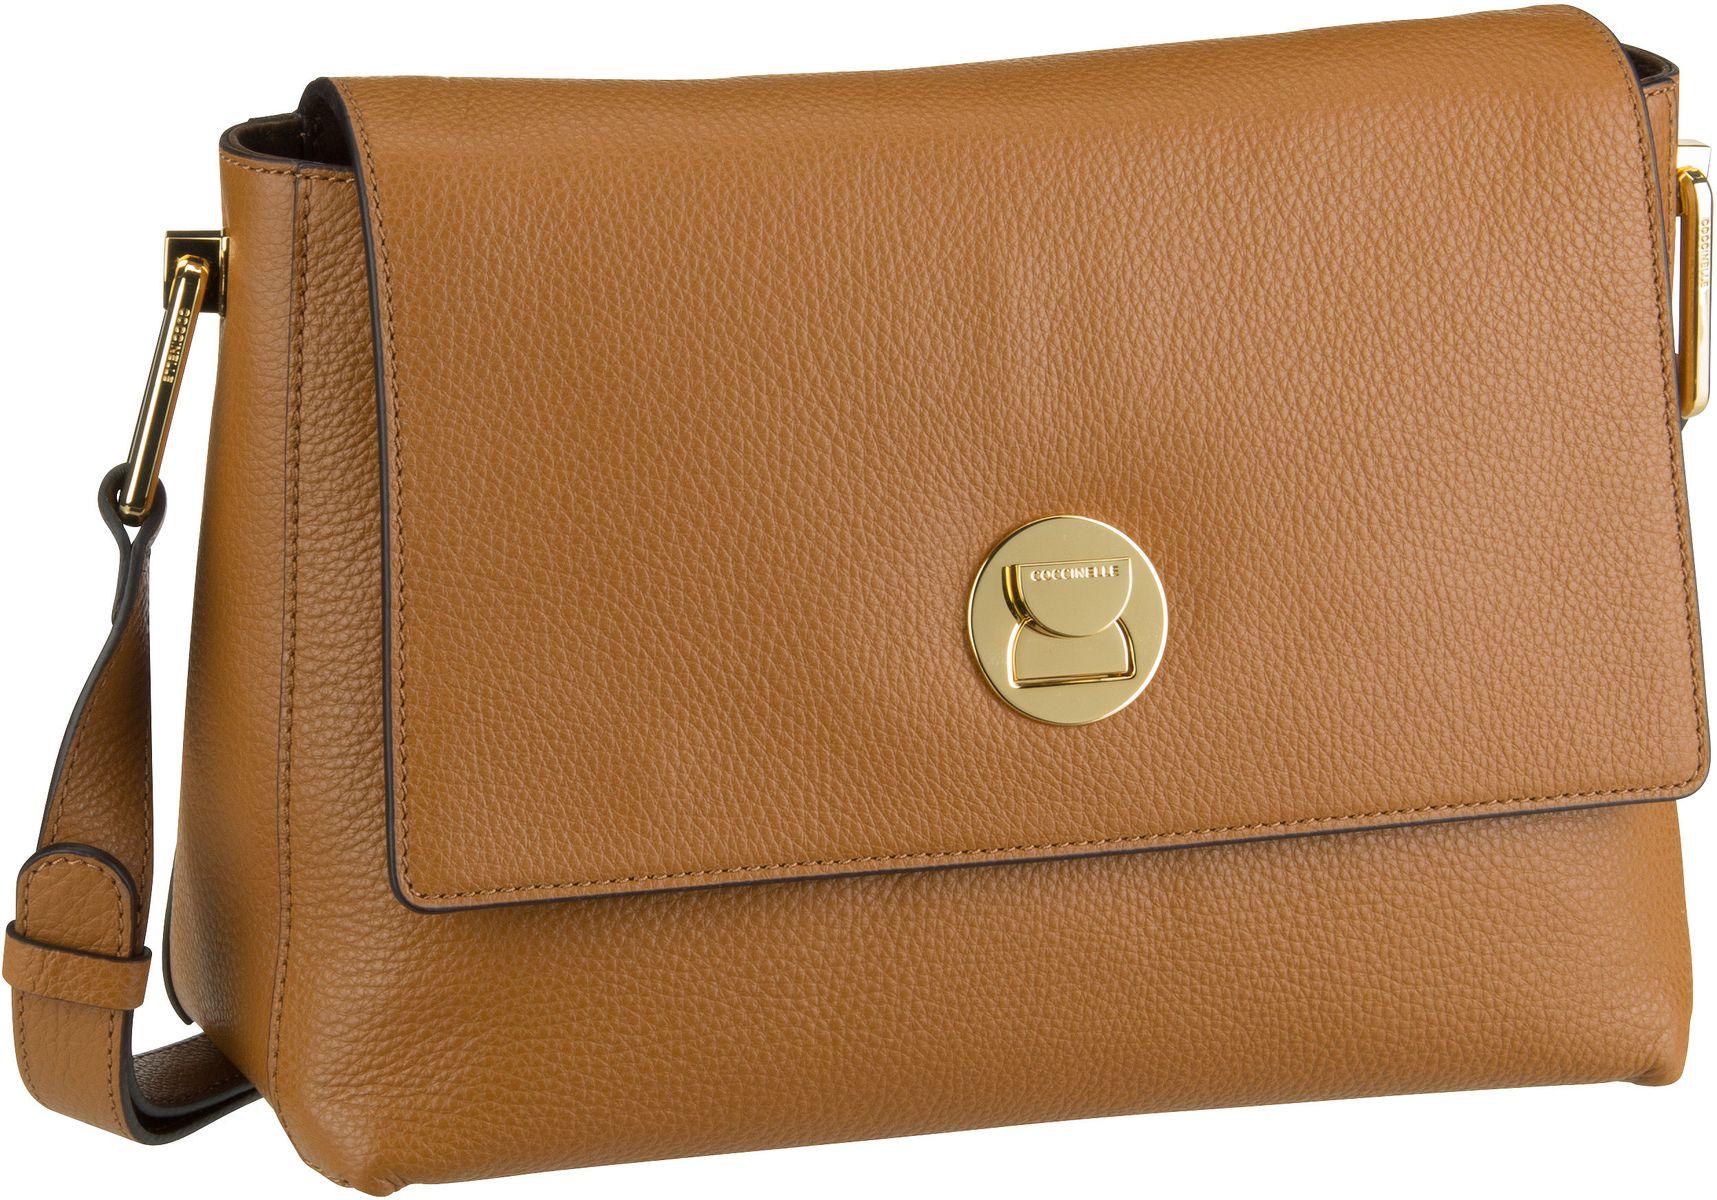 Handtasche Liya 1205 Caramel/Moka